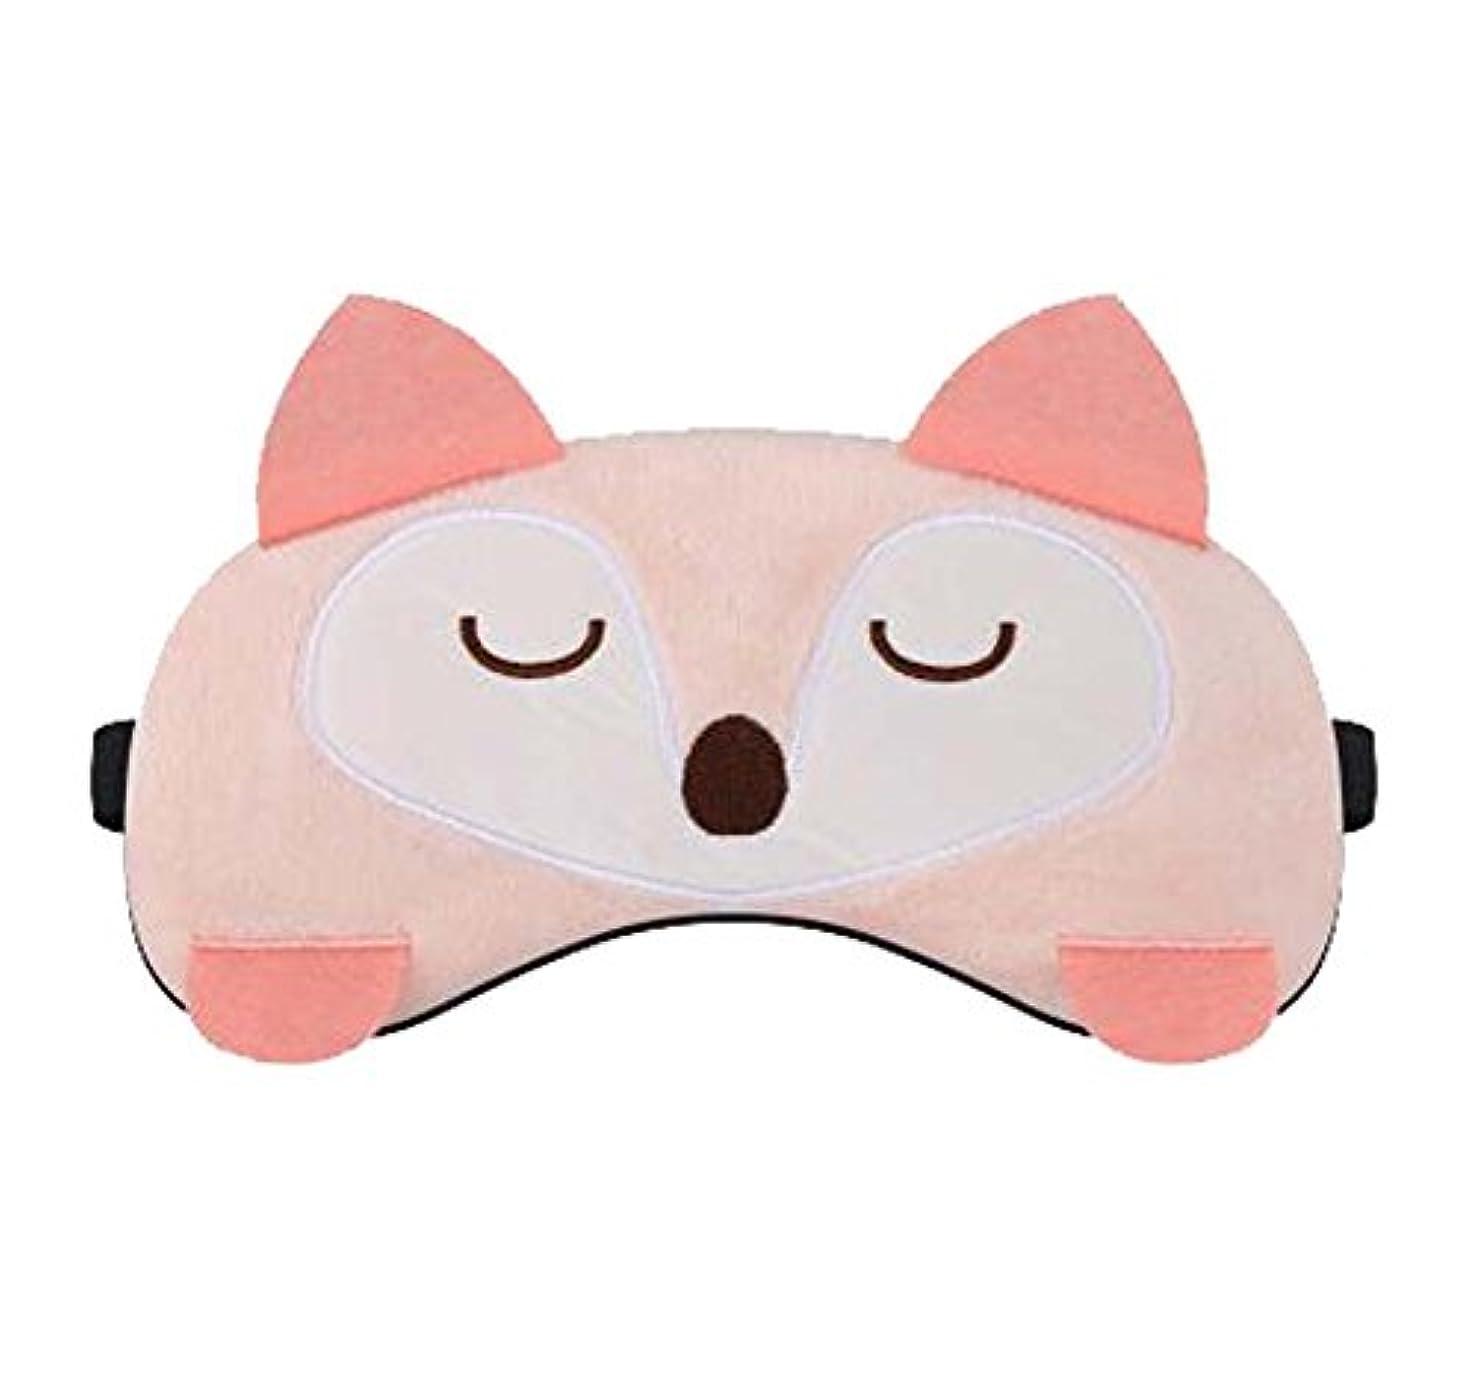 フェデレーション深さジャンクションかわいい睡眠マスクアイマスク - セラピー不眠症 - 男性、女性、女の子、子供、A